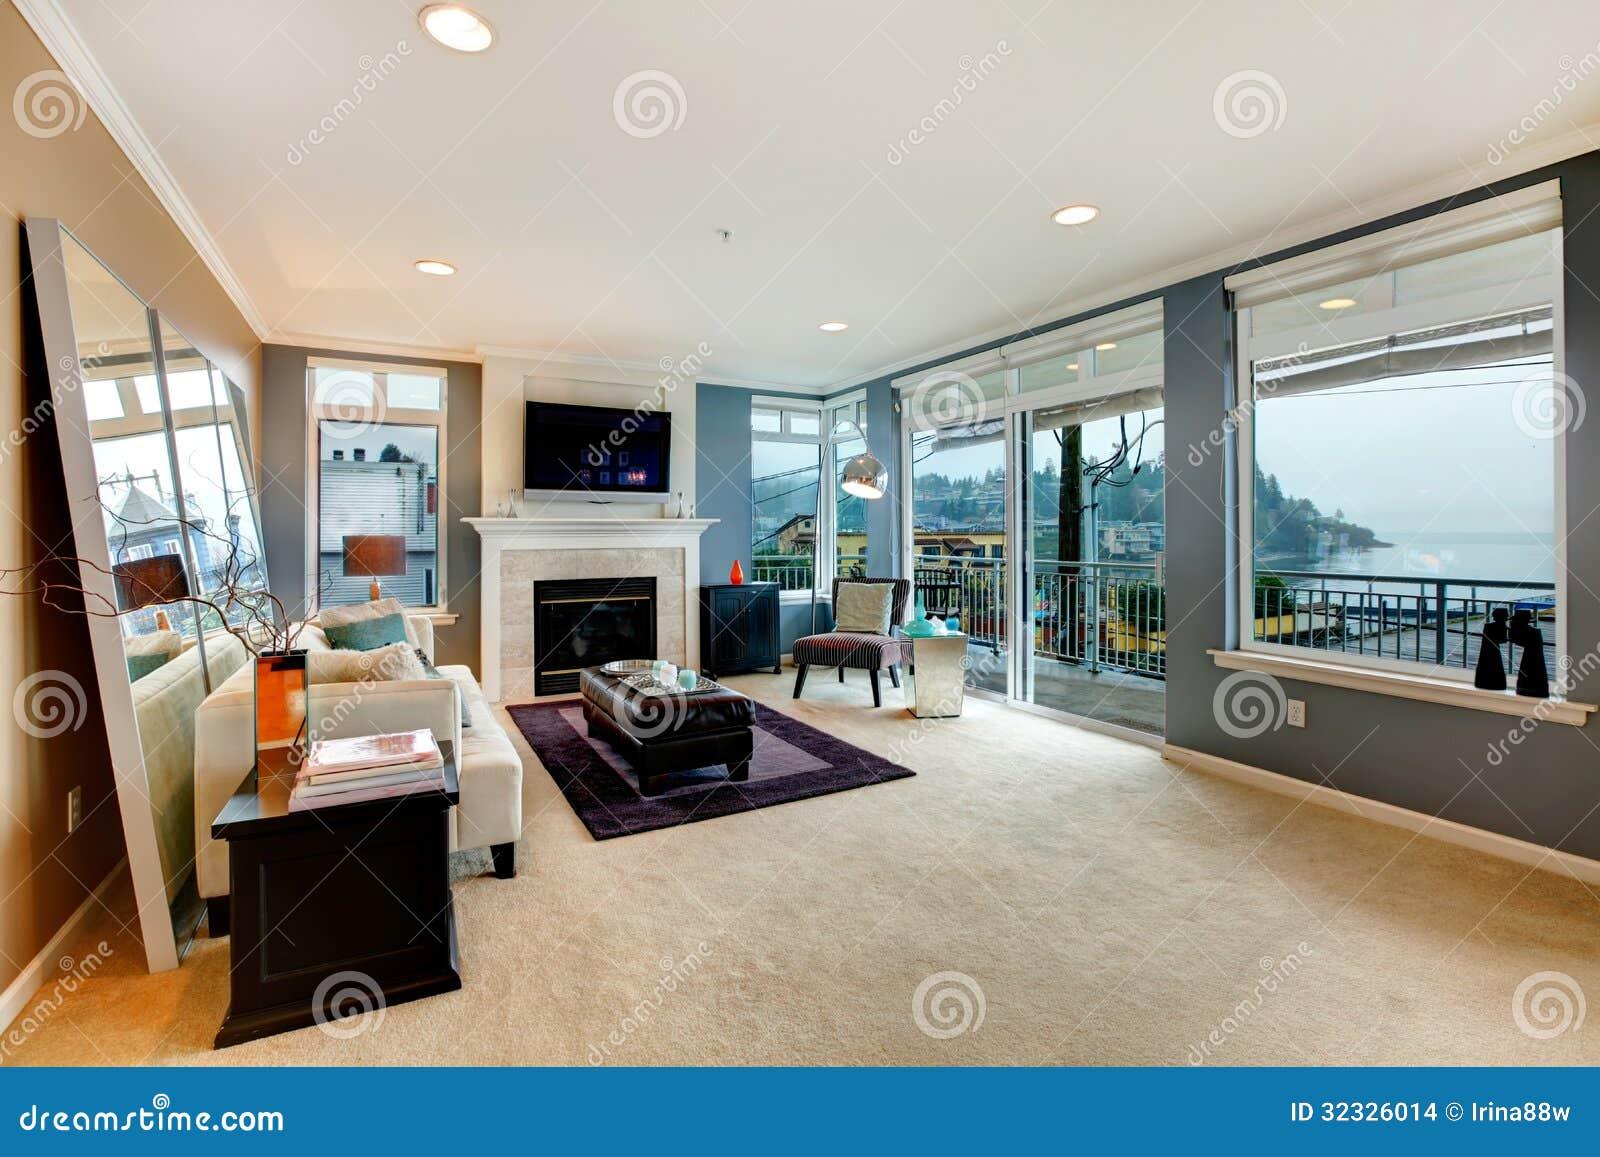 Grote open bochtenwoonkamer met open haard tv en modern meubilair stock foto afbeelding - Meubilair tv industrie ...